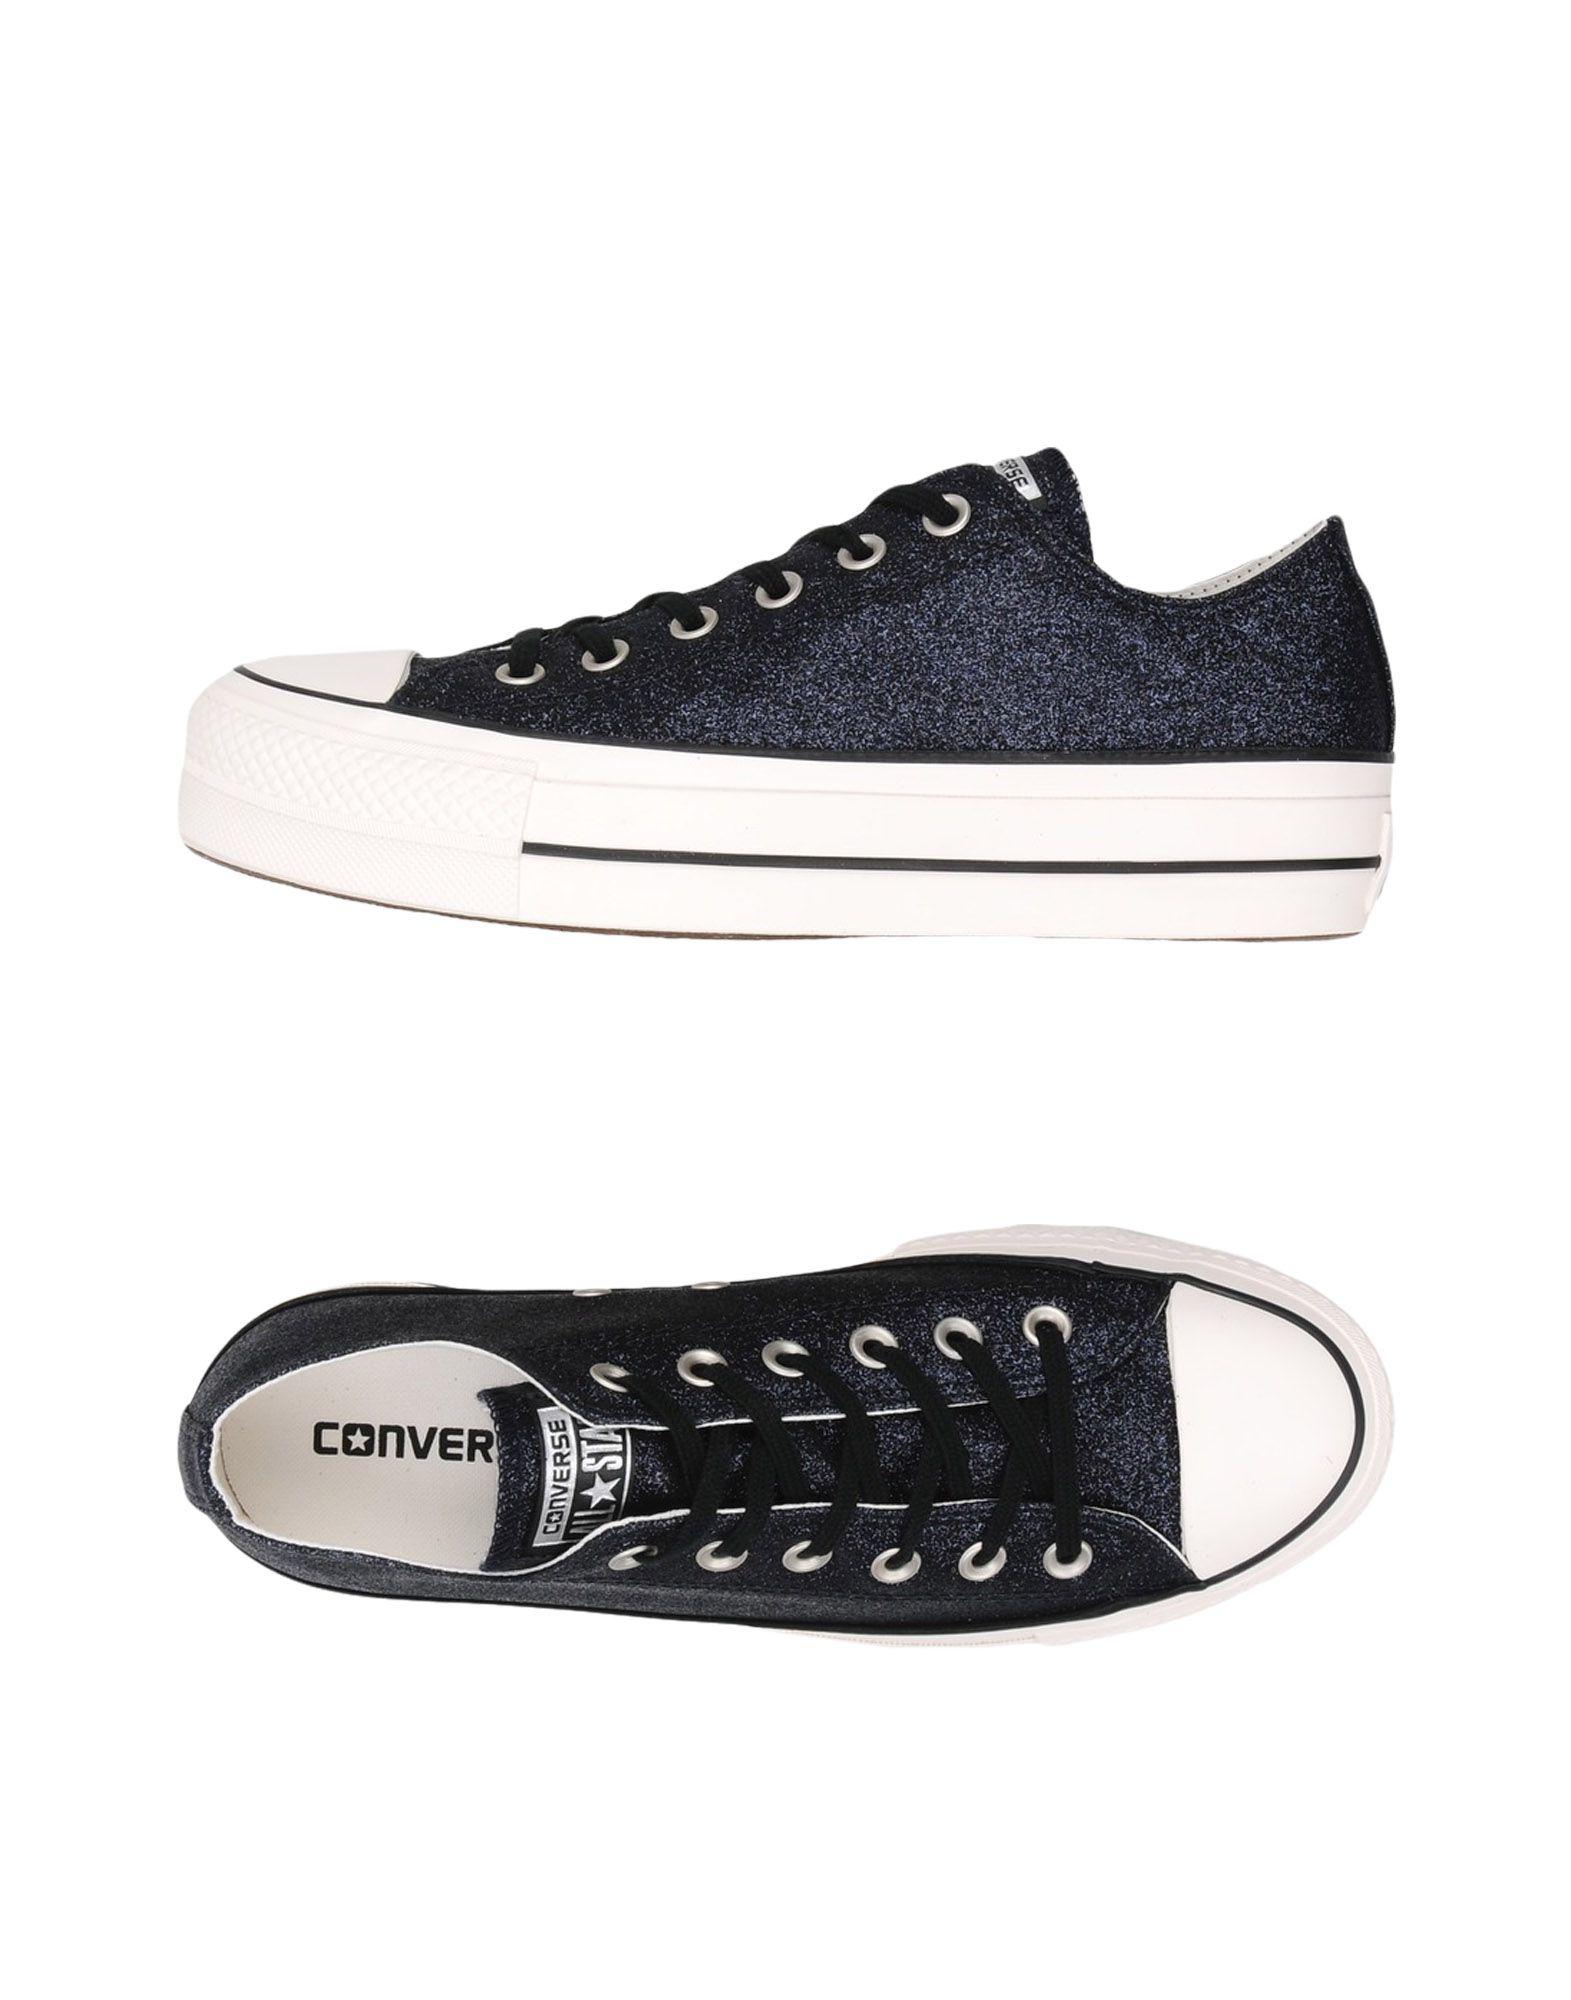 Converse All Star Ctas Ox Lift Clean  11445801CJ Gute Qualität beliebte Schuhe